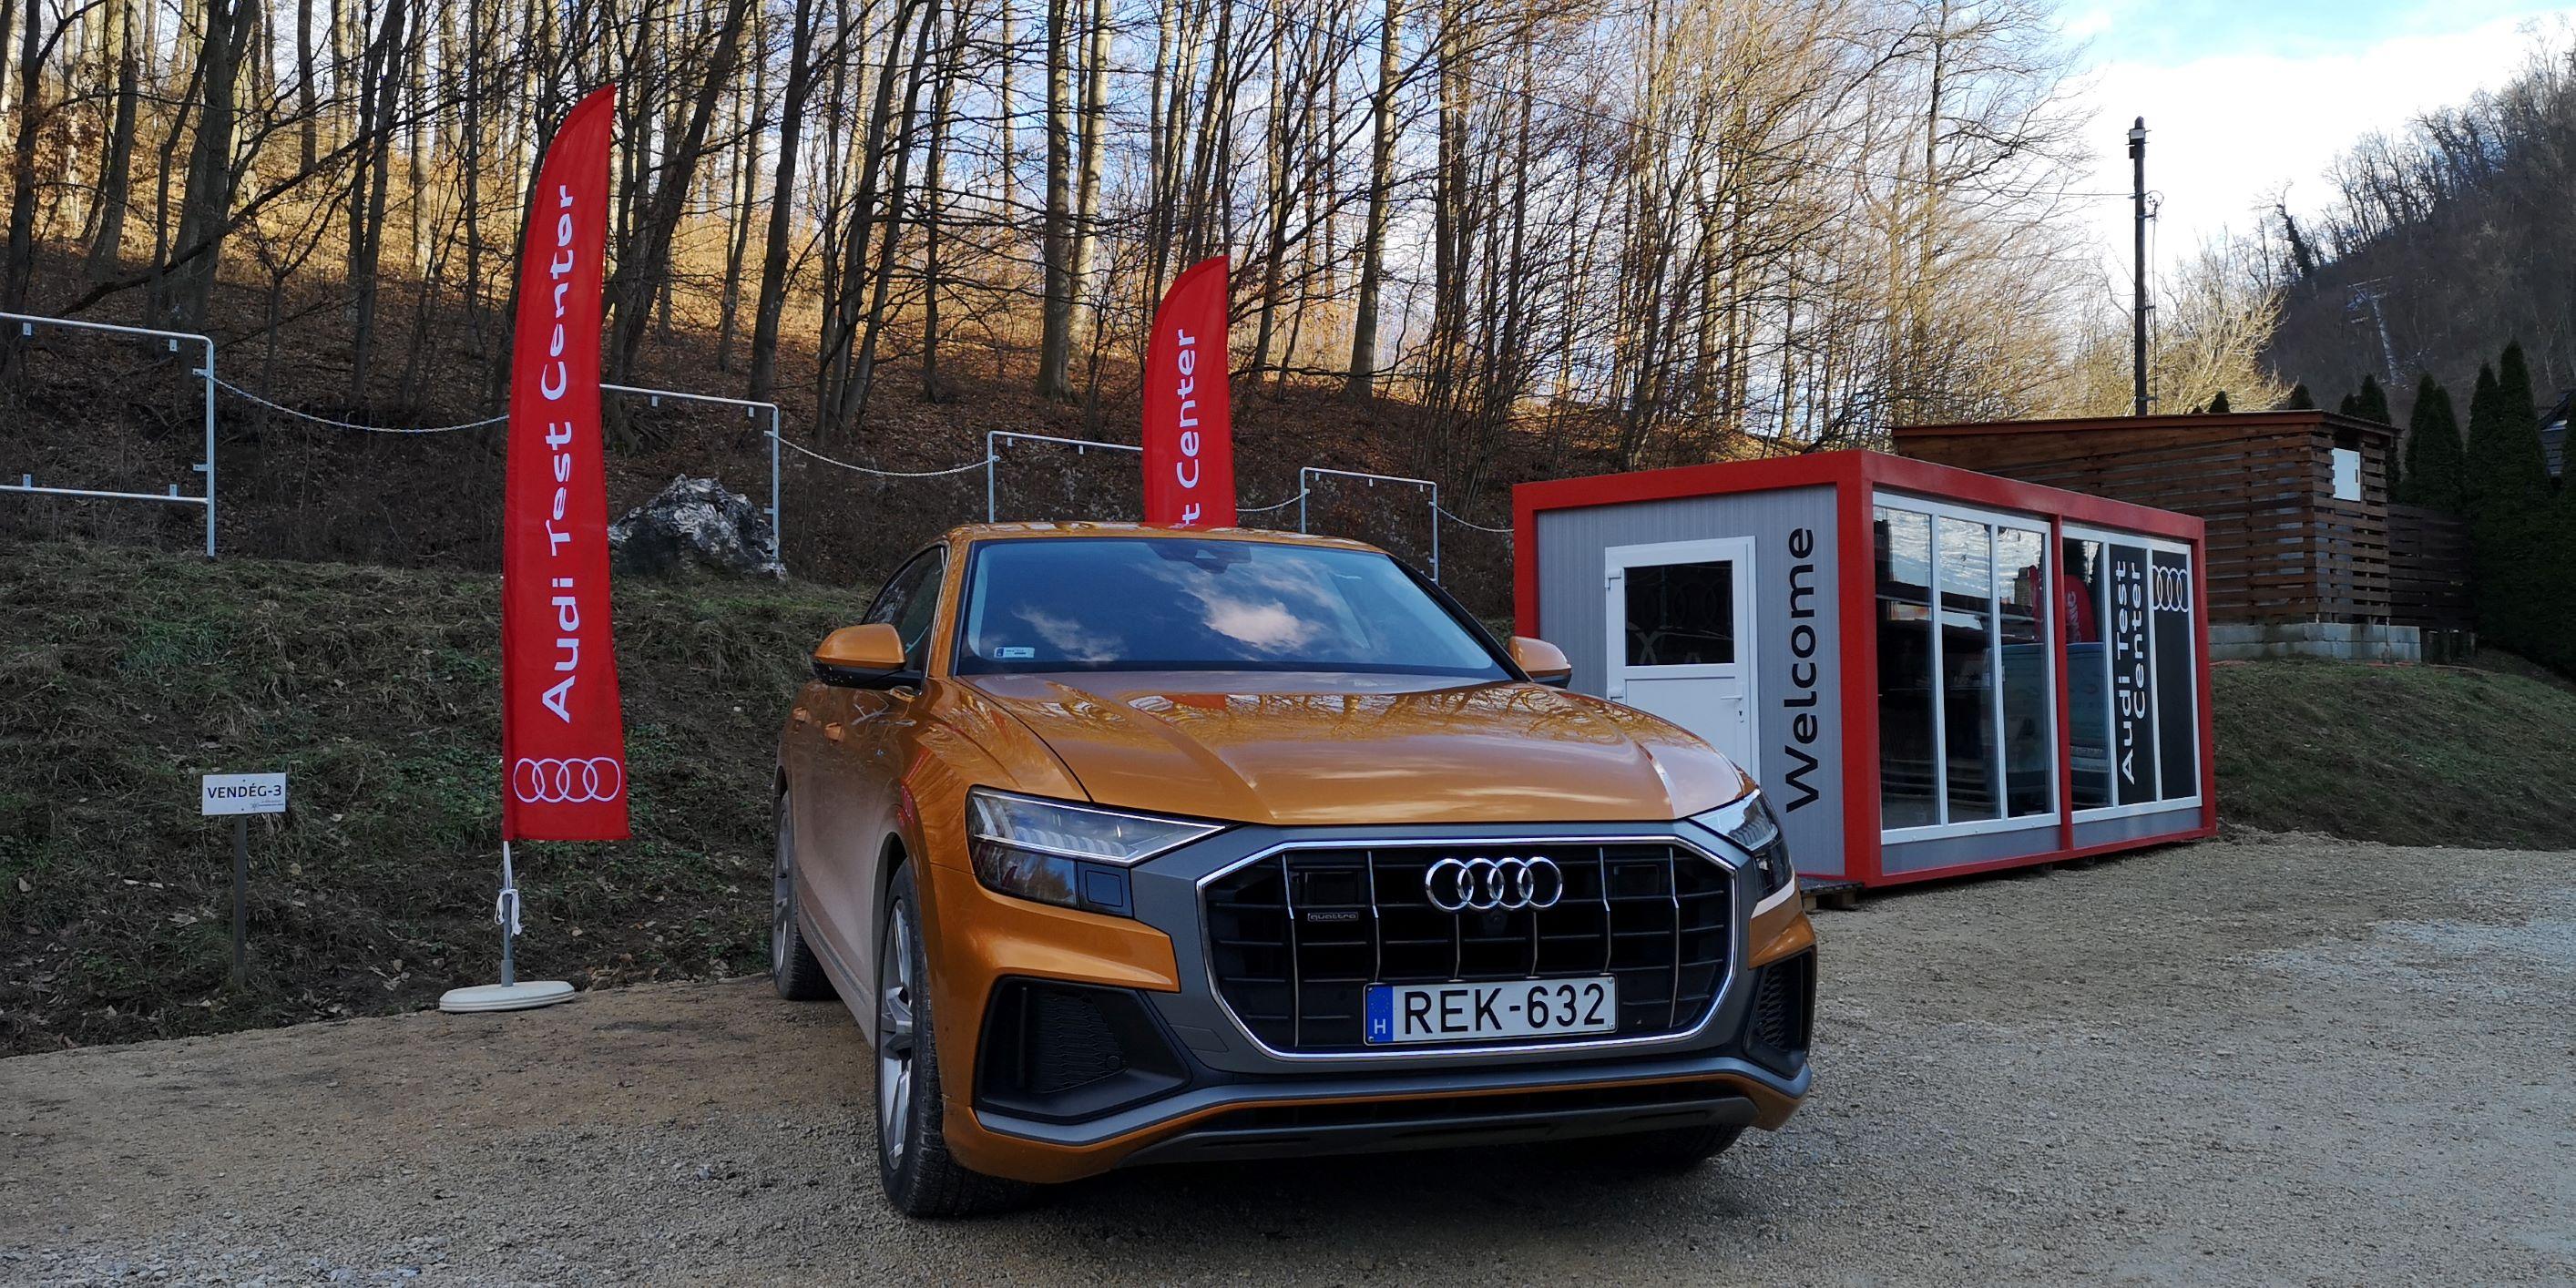 Teszteld a legújabb Audi modelleket Síaréna belépőddel! Éld át a fejlődést!